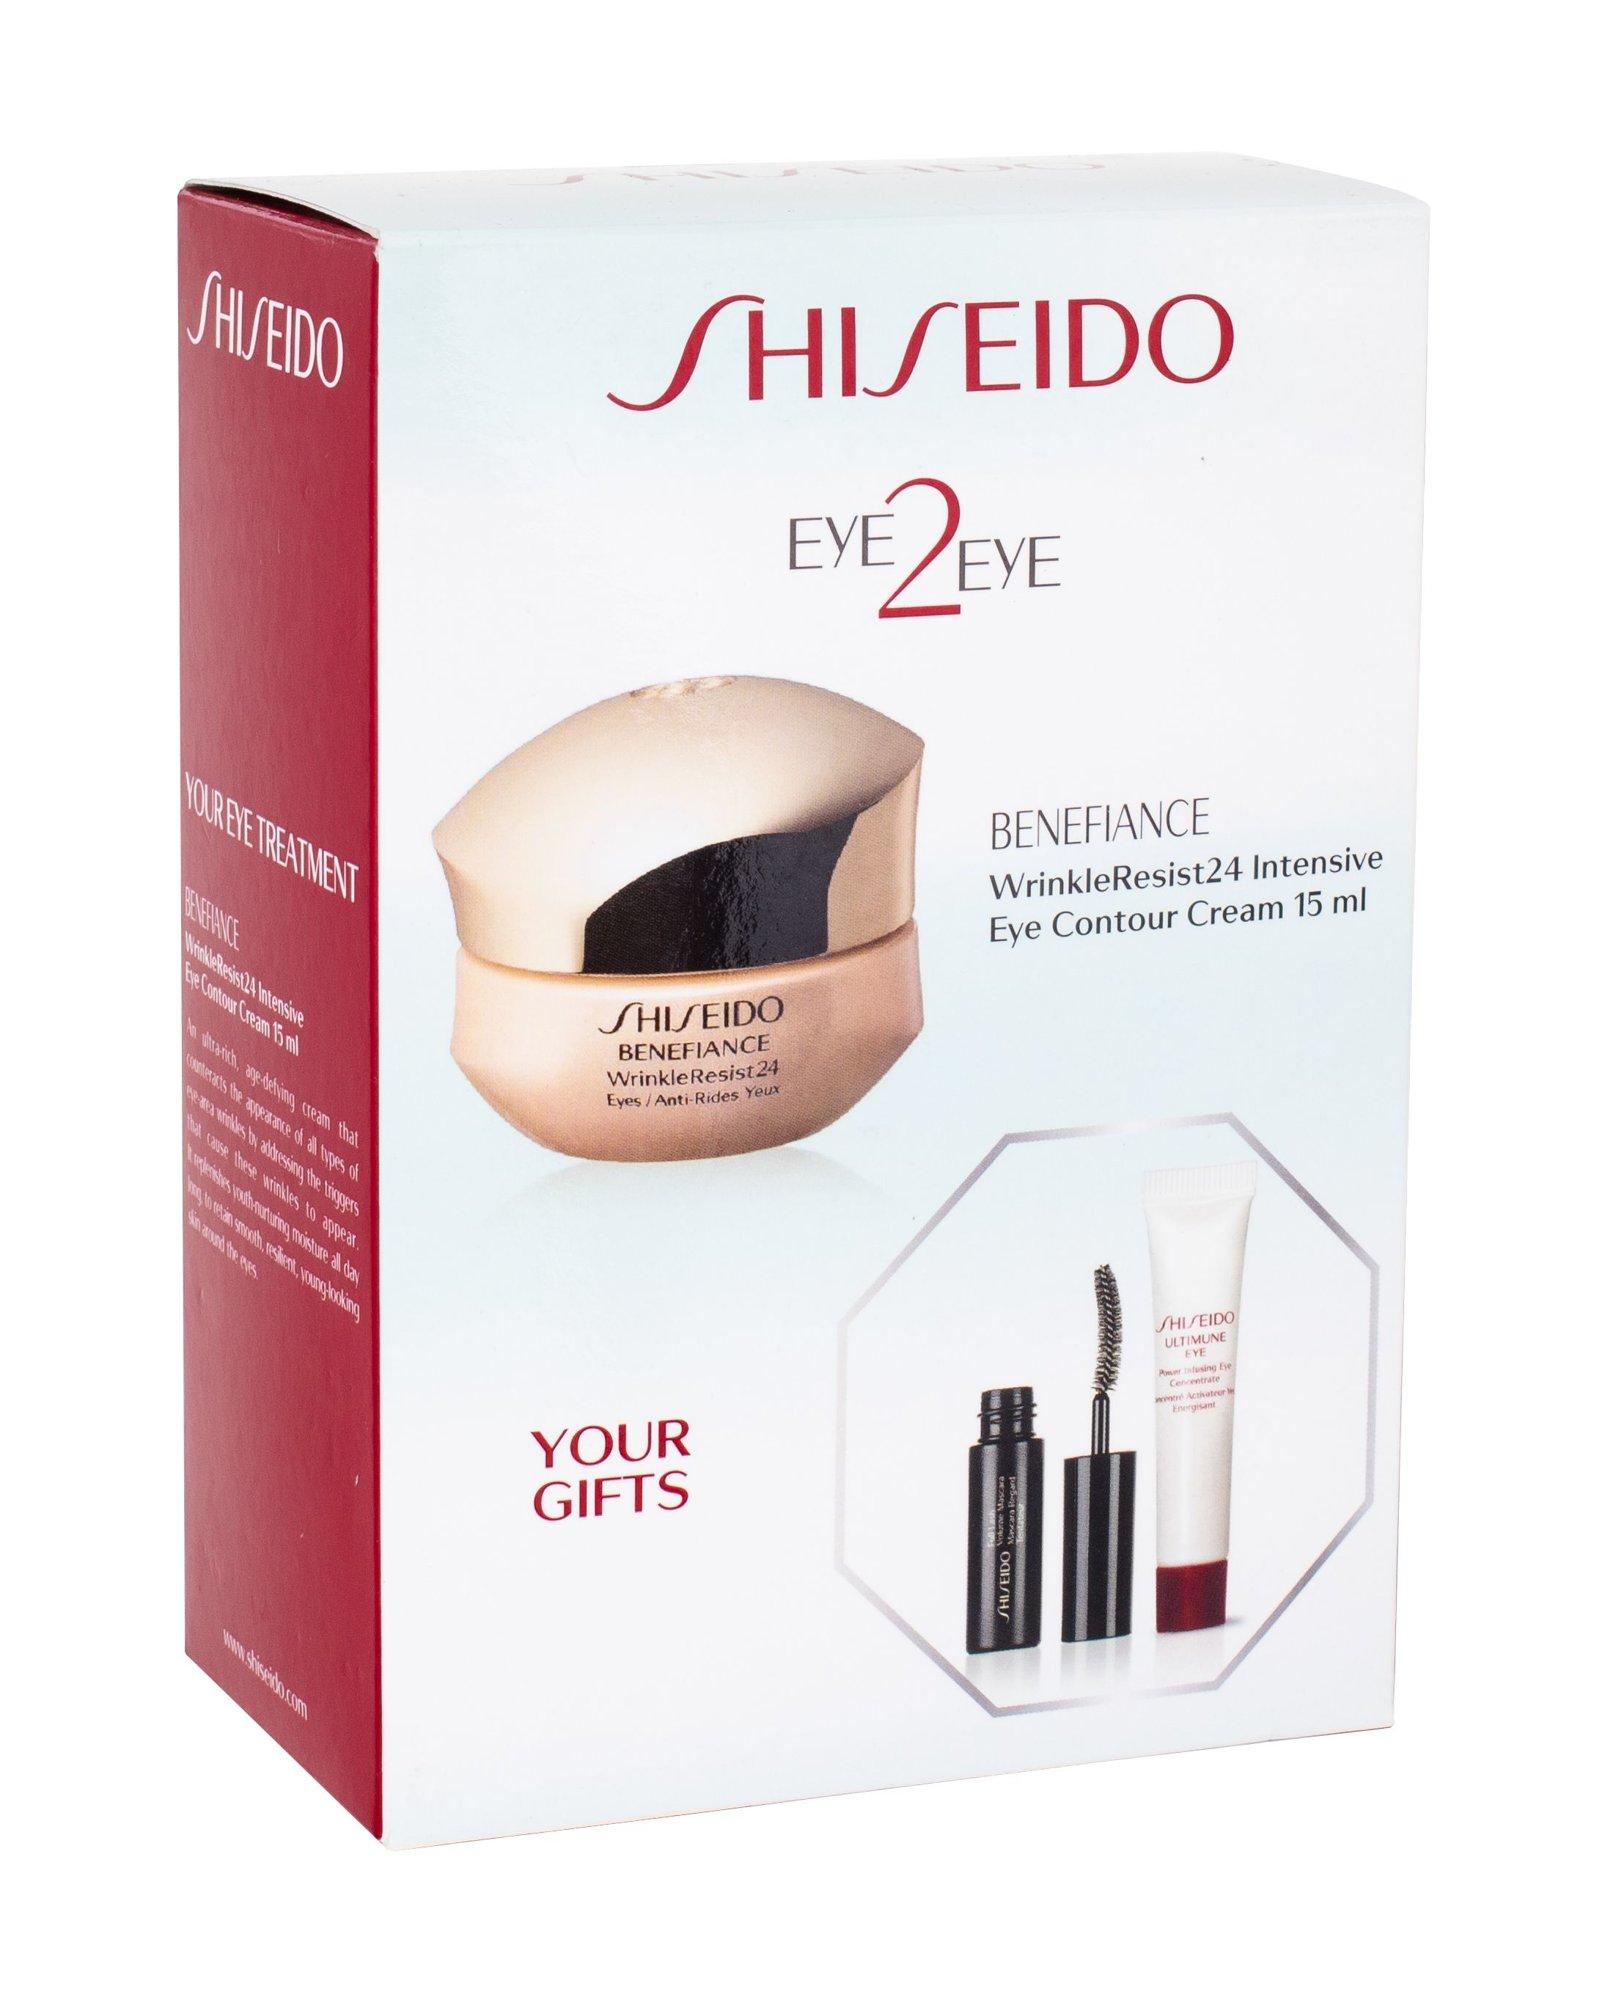 Shiseido Benefiance Wrinkle Resist 24 Cosmetic 15ml